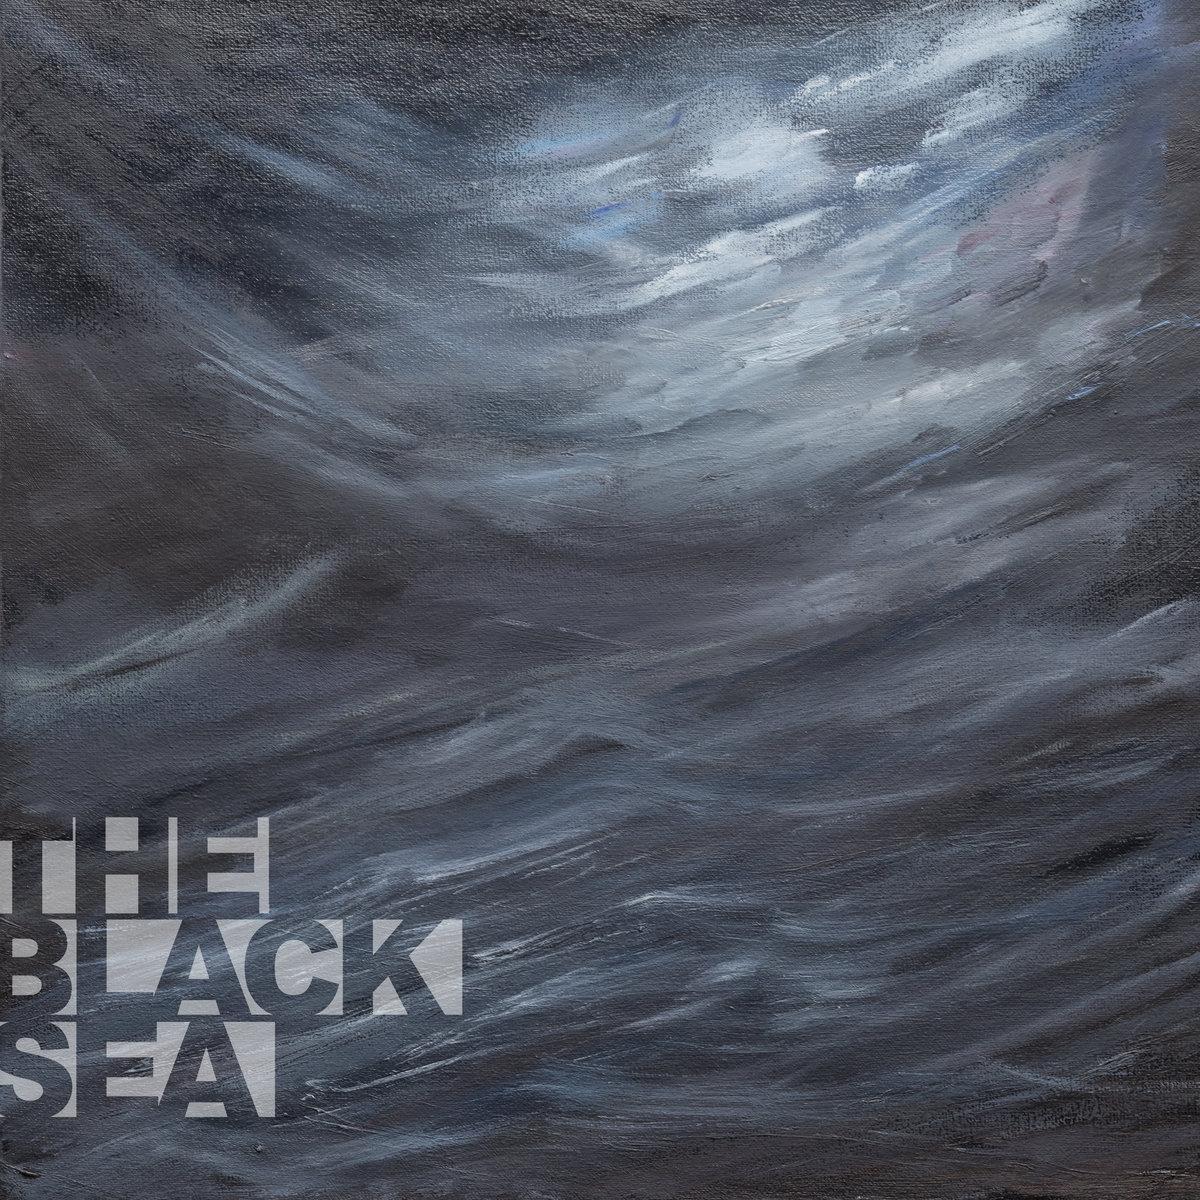 The Black Sea - Неминучість (2017)